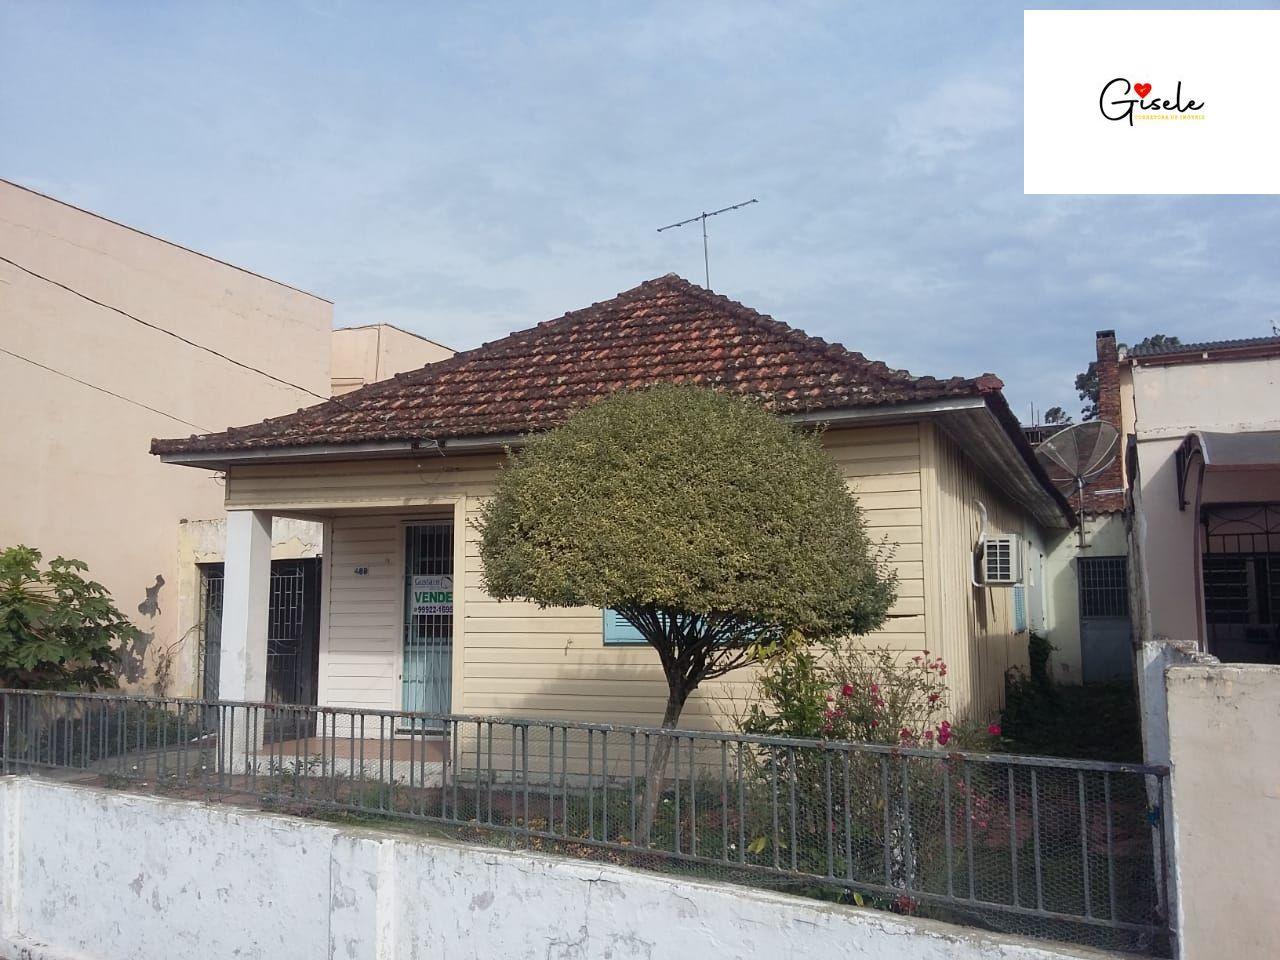 Terreno/Lote à venda, 360 m² por R$ 650.000,00